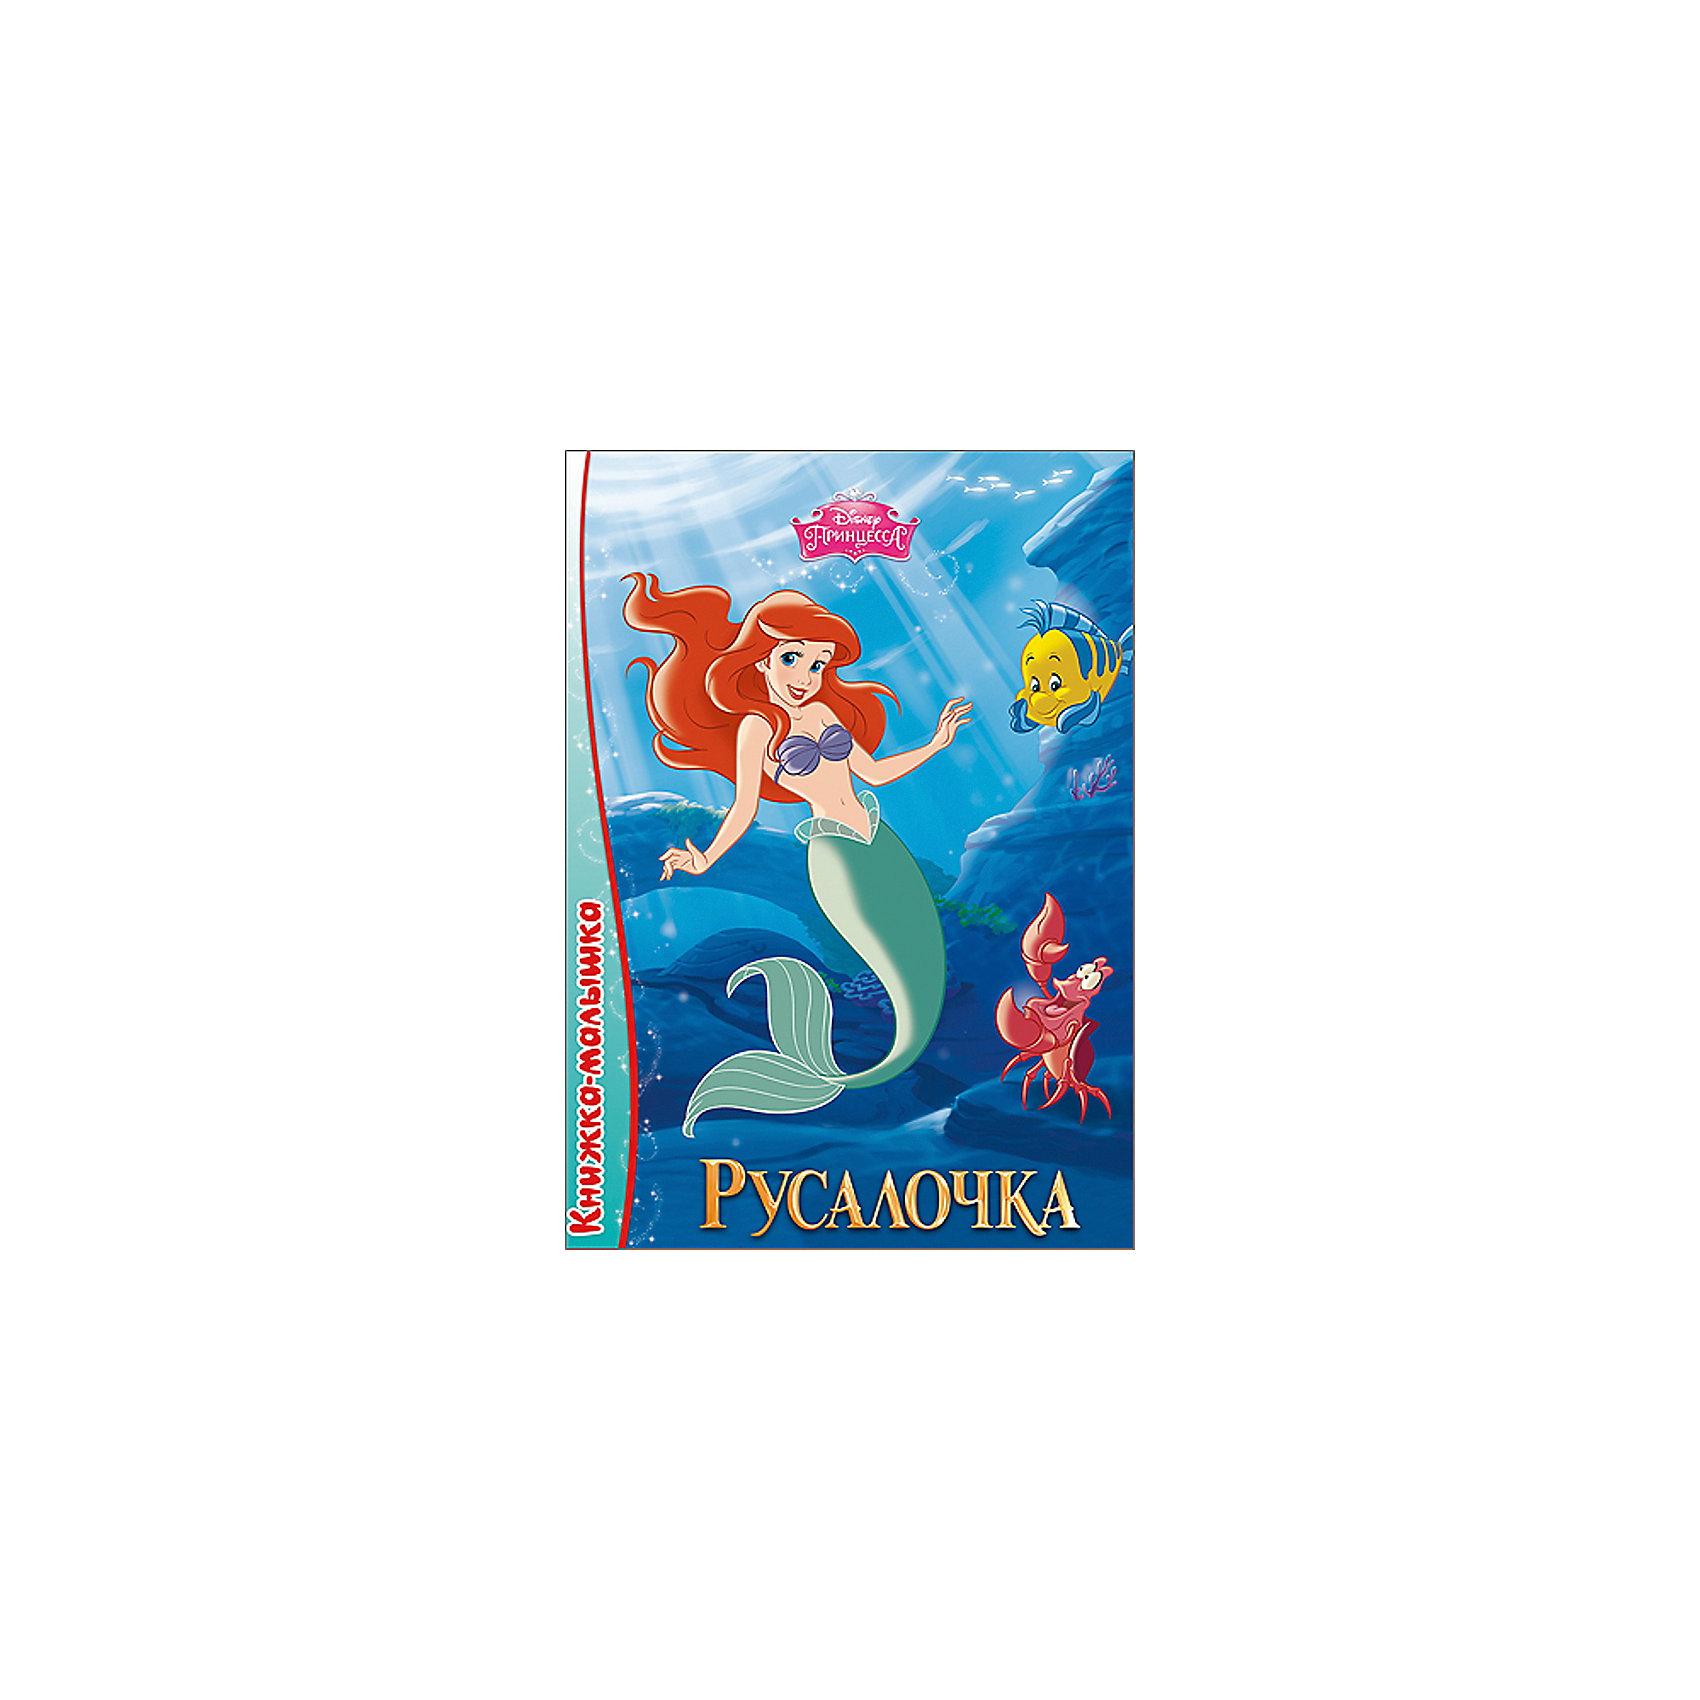 Книжка-малышка Русалочка, Принцессы ДиснейКнижка-малышка Русалочка, Принцессы Дисней – красочно иллюстрированная книжка небольшого формата о приключениях русалочки Ариэль.<br>Книжки-малышки расскажут тебе о самых невероятных приключениях мира Disney (Дисней)! Где взять силы, чтобы победить коварство? Как распознать подлость и обман и научиться впускать в своё сердце только настоящее чувство? Скорее открывай странички и читай увлекательную историю о доброй и смелой русалочке Ариэль. Книга оформлена яркими иллюстрациями, имеет плотные картонные страницы, которые удобно переворачивать даже самым юным читателям. Для детей дошкольного возраста. Для чтения взрослыми детям.<br><br>Дополнительная информация:<br><br>- Издательство: Проф-Пресс, 2015 г.<br>- Серия: Disney (Дисней). Книжка-малышка<br>- Переплет: цельнокрытый<br>- Тип обложки: картонная обложка, картонные страницы<br>- Оформление обложки: глянцевая ламинация<br>- Иллюстрации: цветные<br>- Количество страниц: 10<br>- Размер: 149x109x7 мм.<br>- Вес: 66 гр.<br><br>Книжку-малышку Русалочка, Принцессы Дисней можно купить в нашем интернет-магазине.<br><br>Ширина мм: 110<br>Глубина мм: 5<br>Высота мм: 150<br>Вес г: 60<br>Возраст от месяцев: 36<br>Возраст до месяцев: 72<br>Пол: Женский<br>Возраст: Детский<br>SKU: 4500285